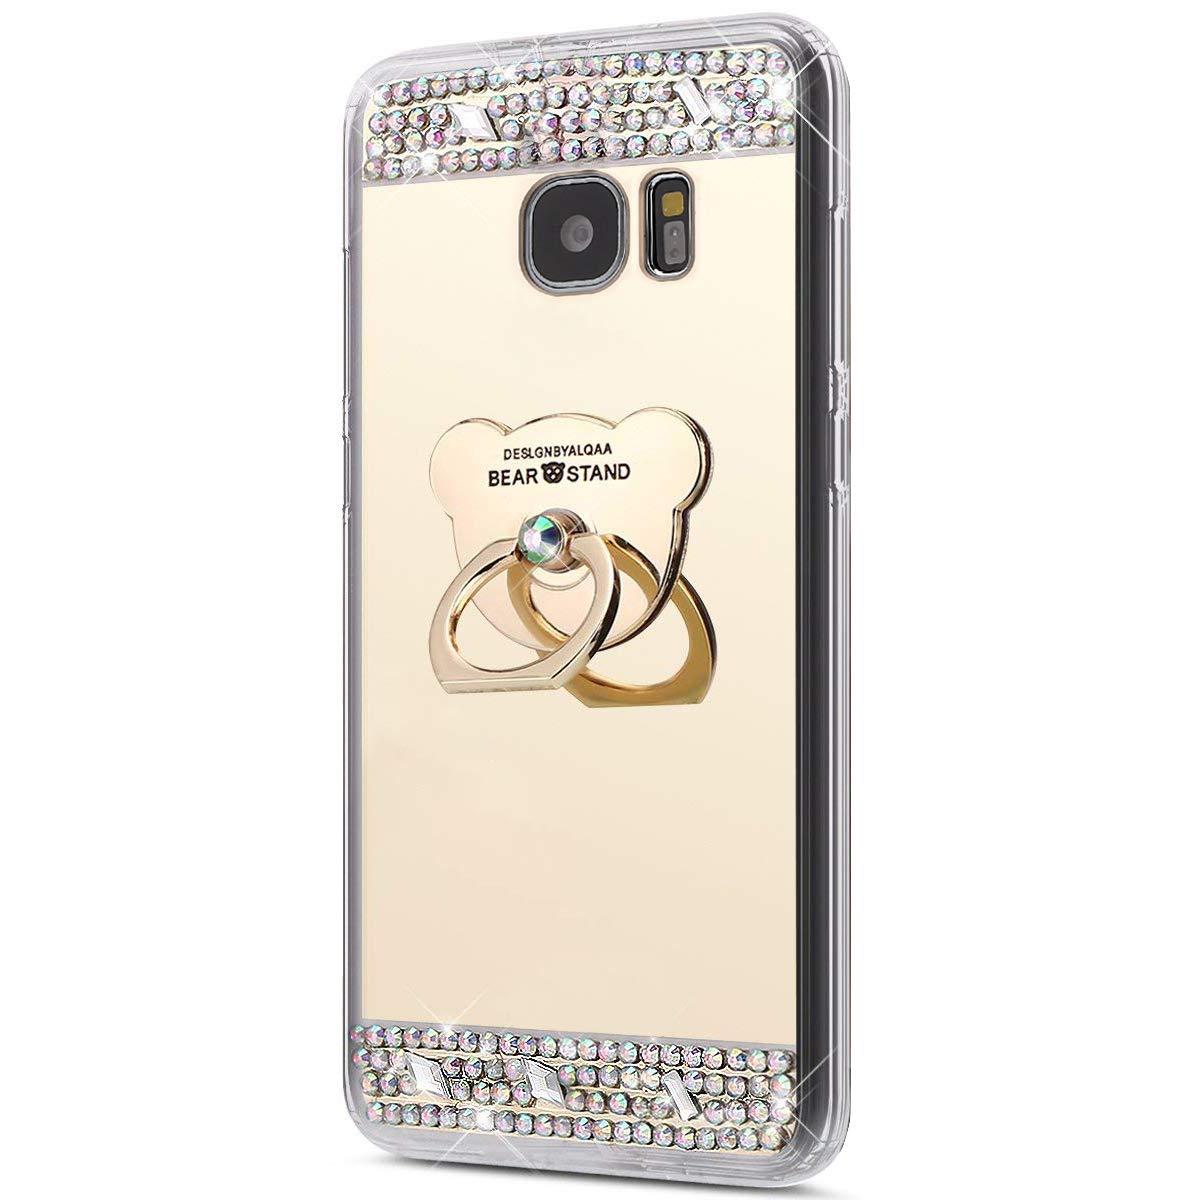 Galaxy S7 Edge Hülle, Spiegel Hülle für Samsung Galaxy S7 Edge, Surakey Luxus Glitzer Strass Ring Stand Holder Bär Muster Schutzhülle für Samsung Galaxy S7 Edge Weich Silikon Handyhülle Spiegel Hülle Mirror Effect, Neu Mode Cool Luxus Bling Glitzer Kristal